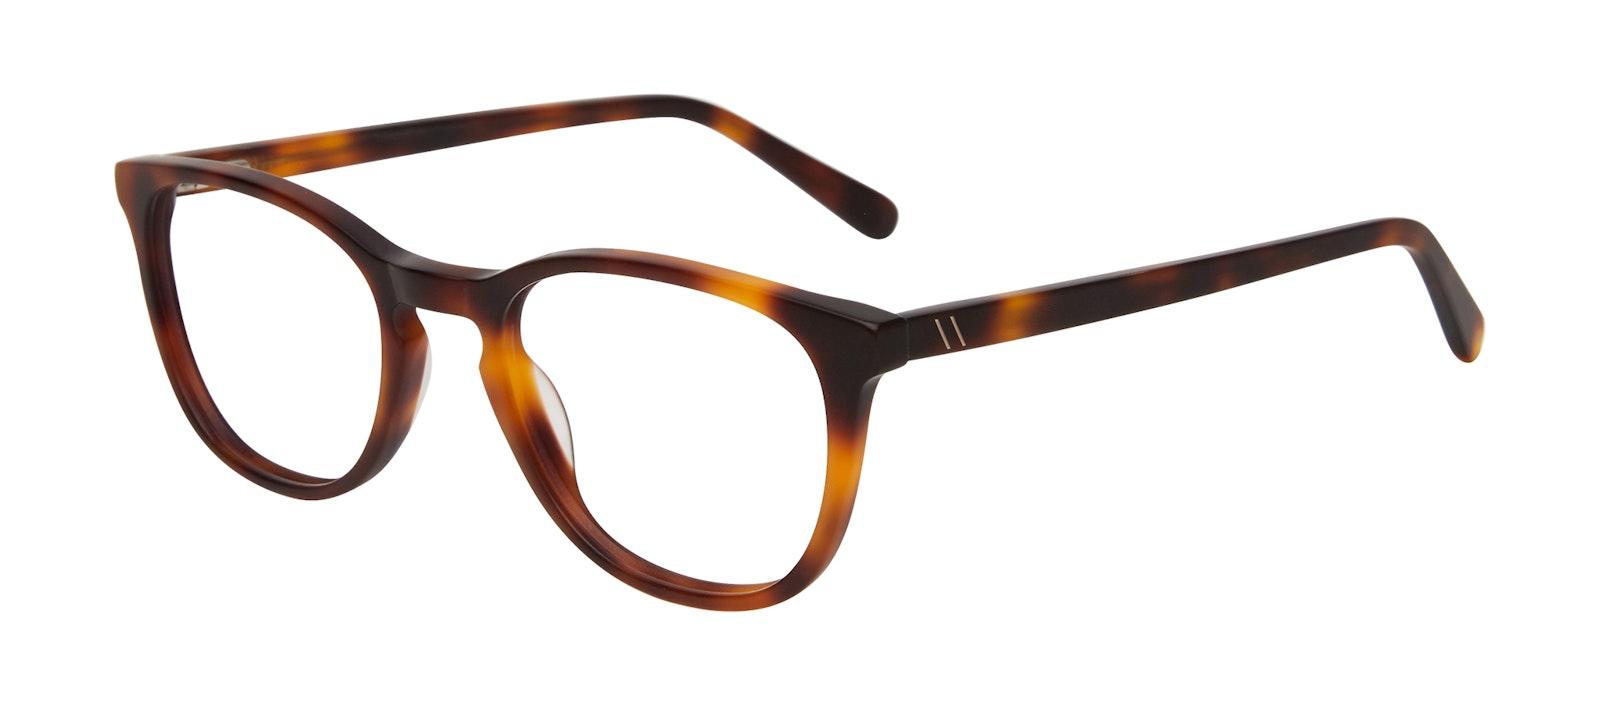 Affordable Fashion Glasses Square Eyeglasses Men Swerve Matte Tortoise Tilt